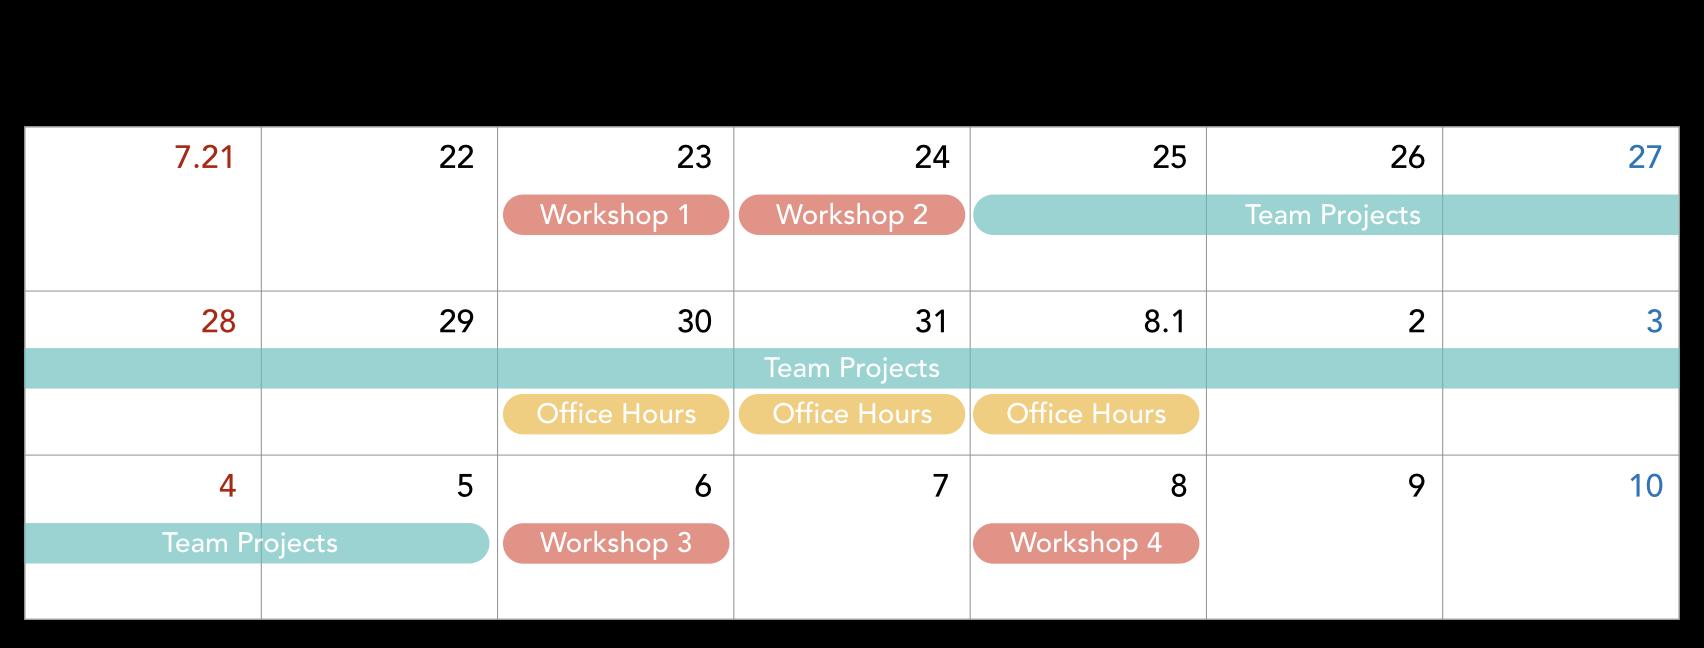 Summer Workshops 2019 Assets2.001.png